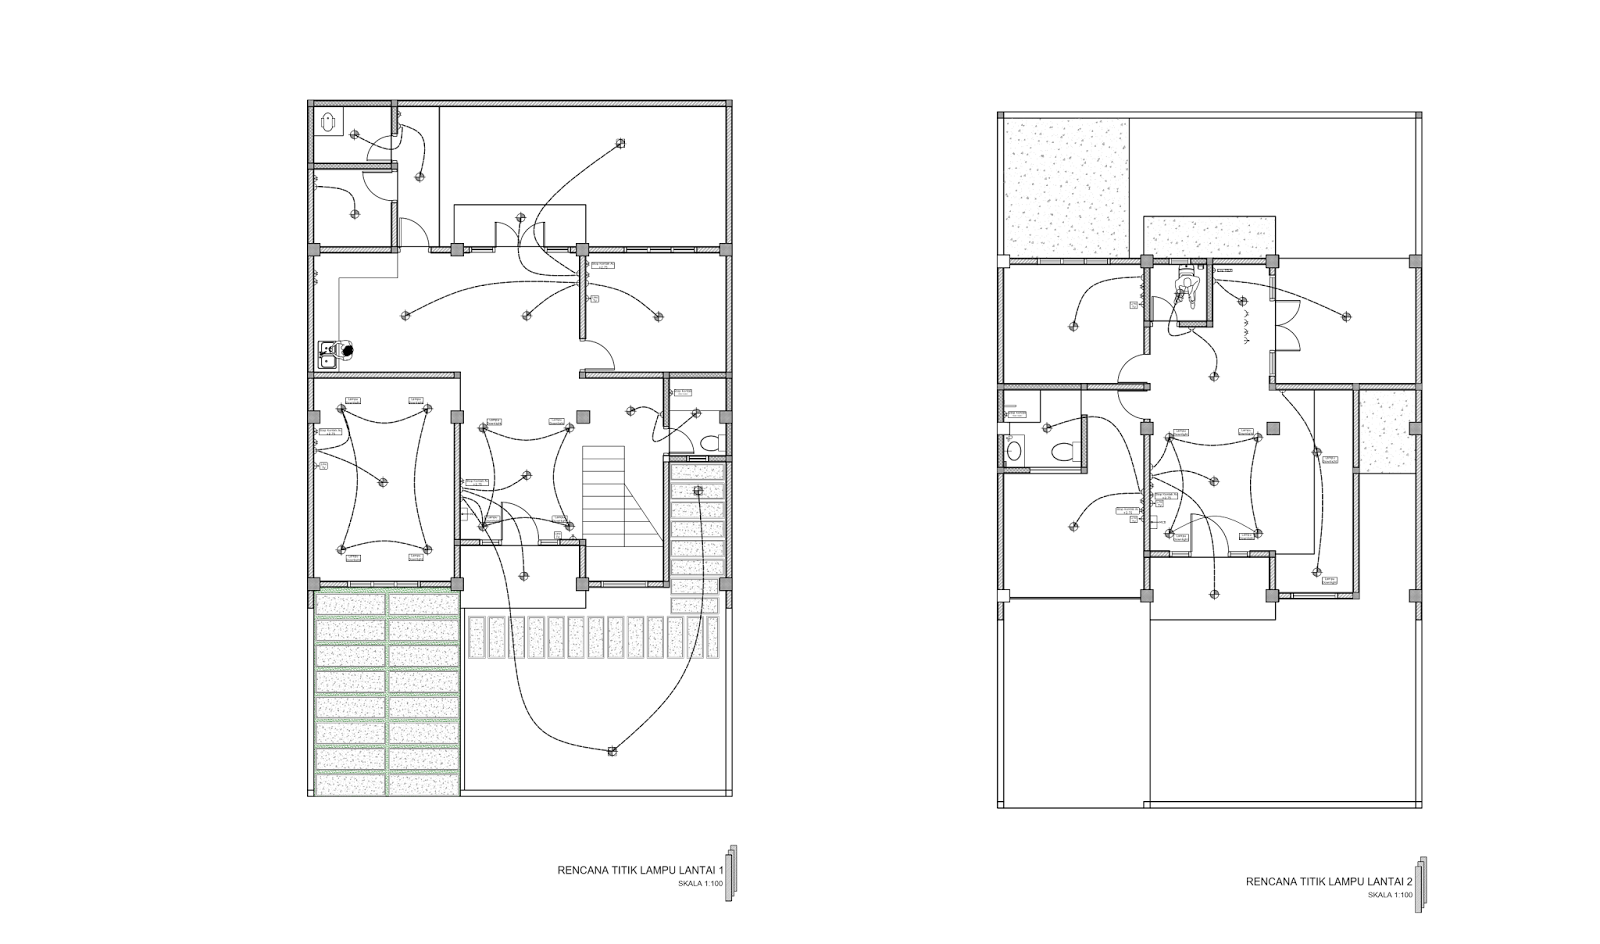 5600 Koleksi Contoh Gambar Rumah 2 Lantai Mewah Terbaik